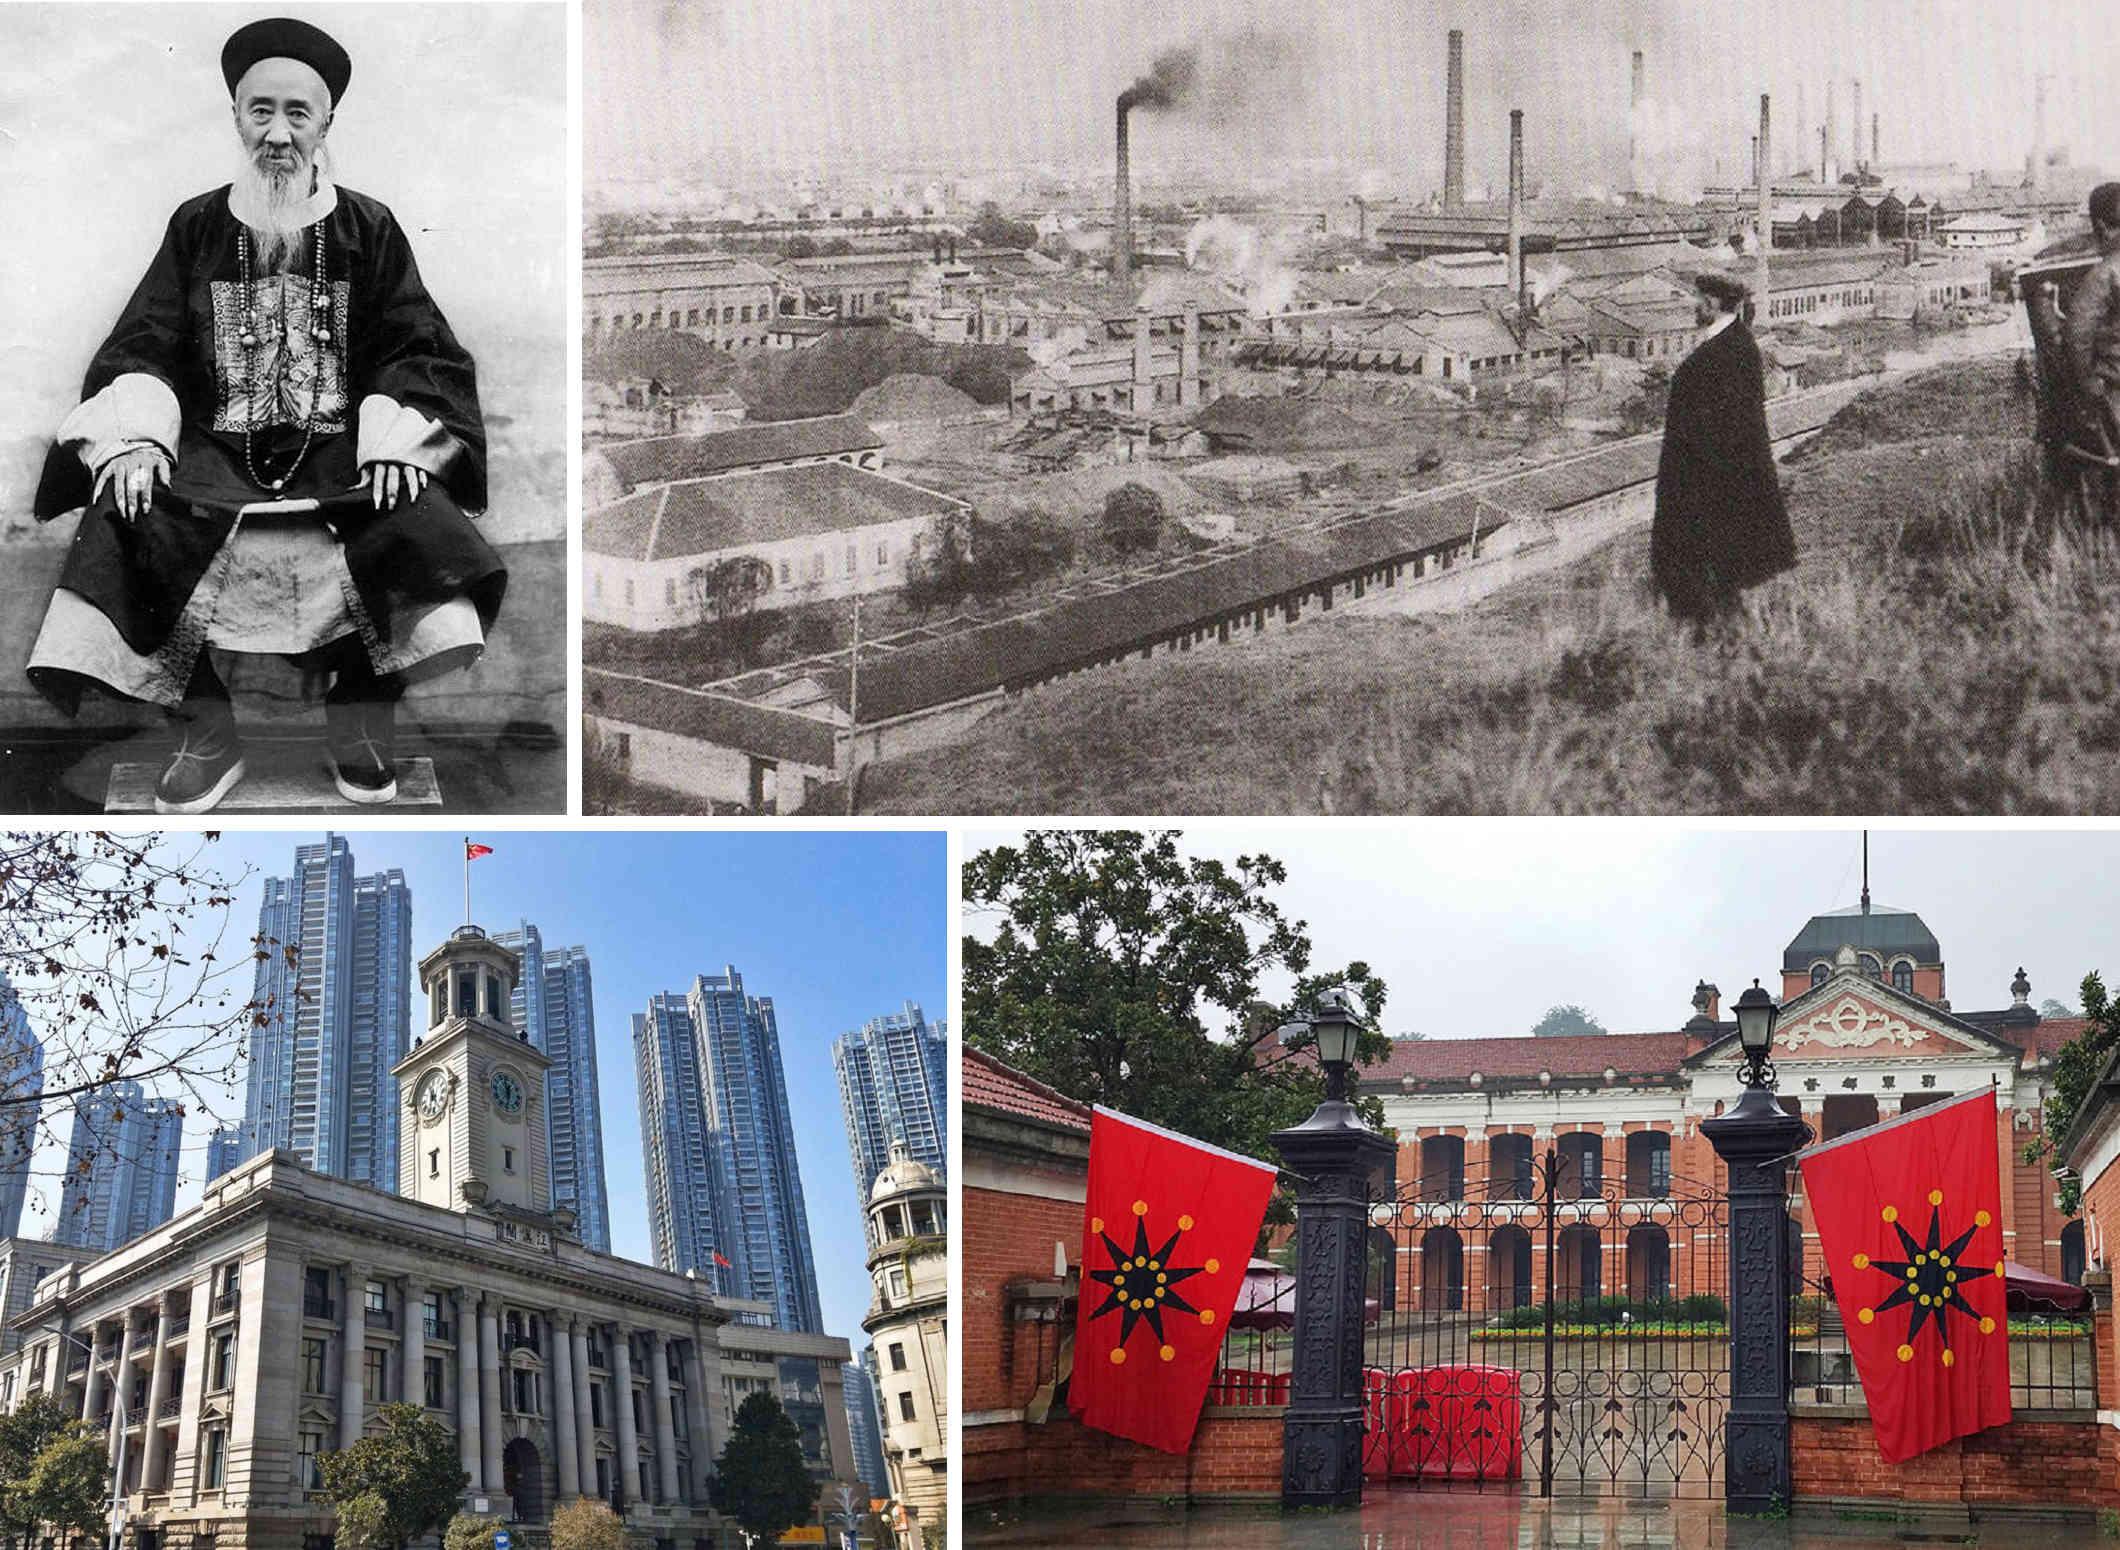 左上:張之洞。右上:張之洞興辦的漢陽鋼鐵廠。左下:江漢關海關大樓。右下:武昌起義軍政府舊址,即,鄂督都府。